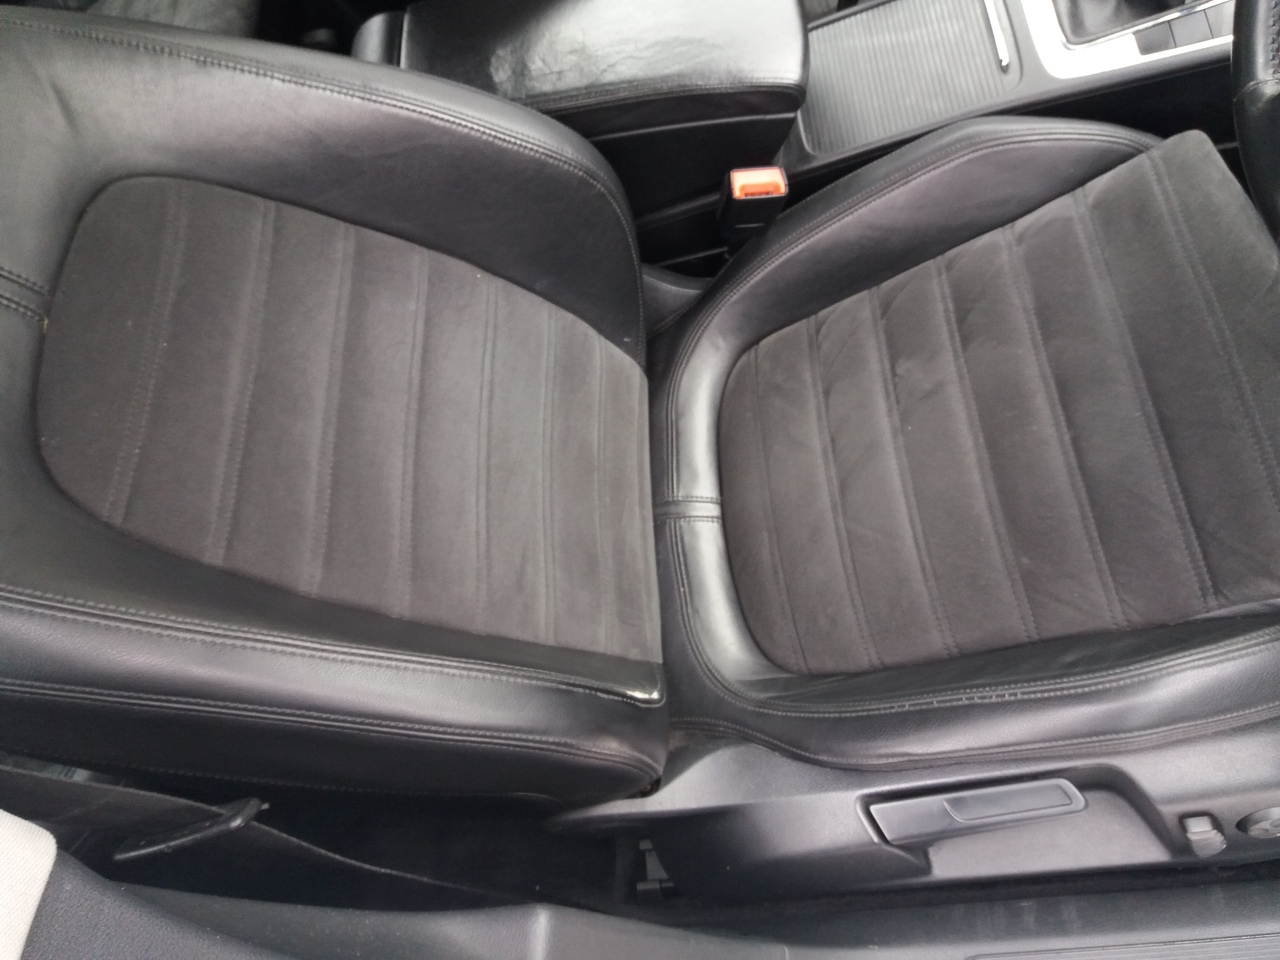 Dezmembrez VW Passat B6, 2.0tdi, 170cp, motor BMR, cutie manuala 6 vit, an 2007